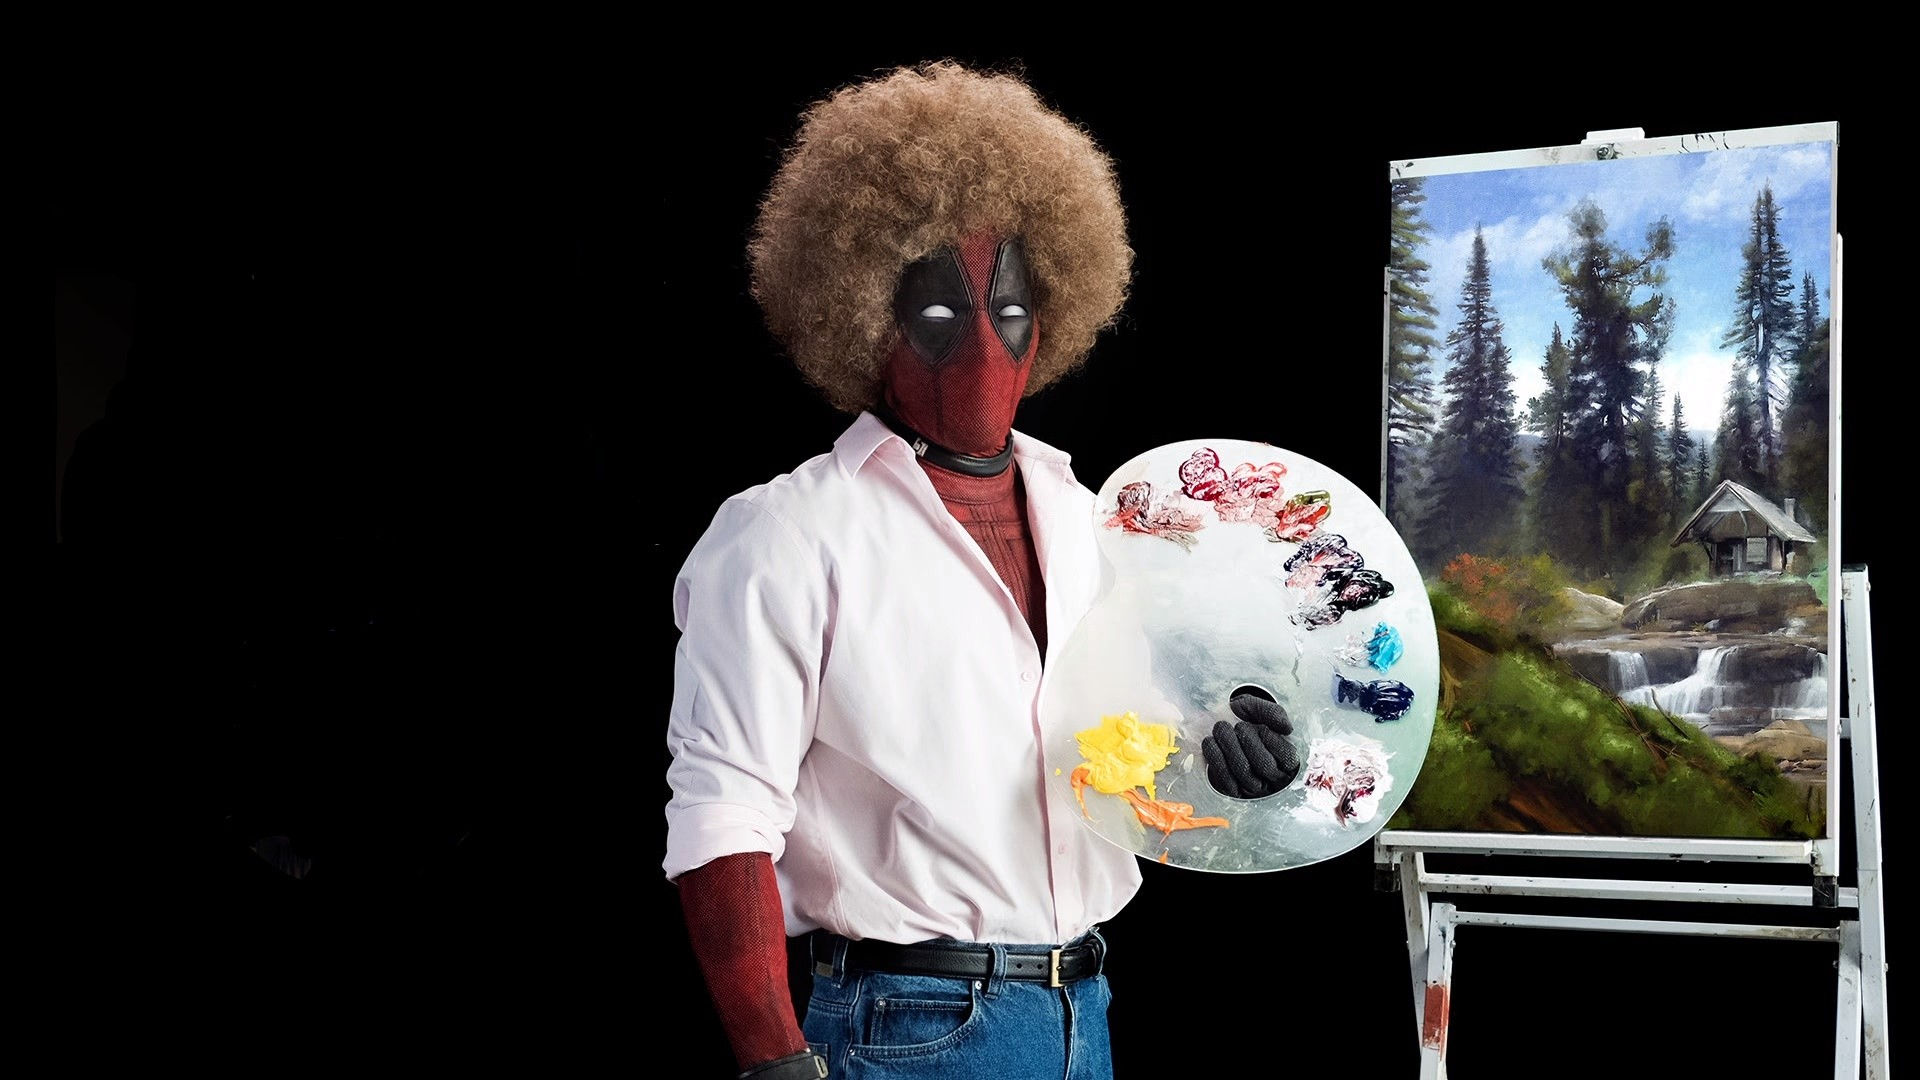 Deadpool is Bob Ross